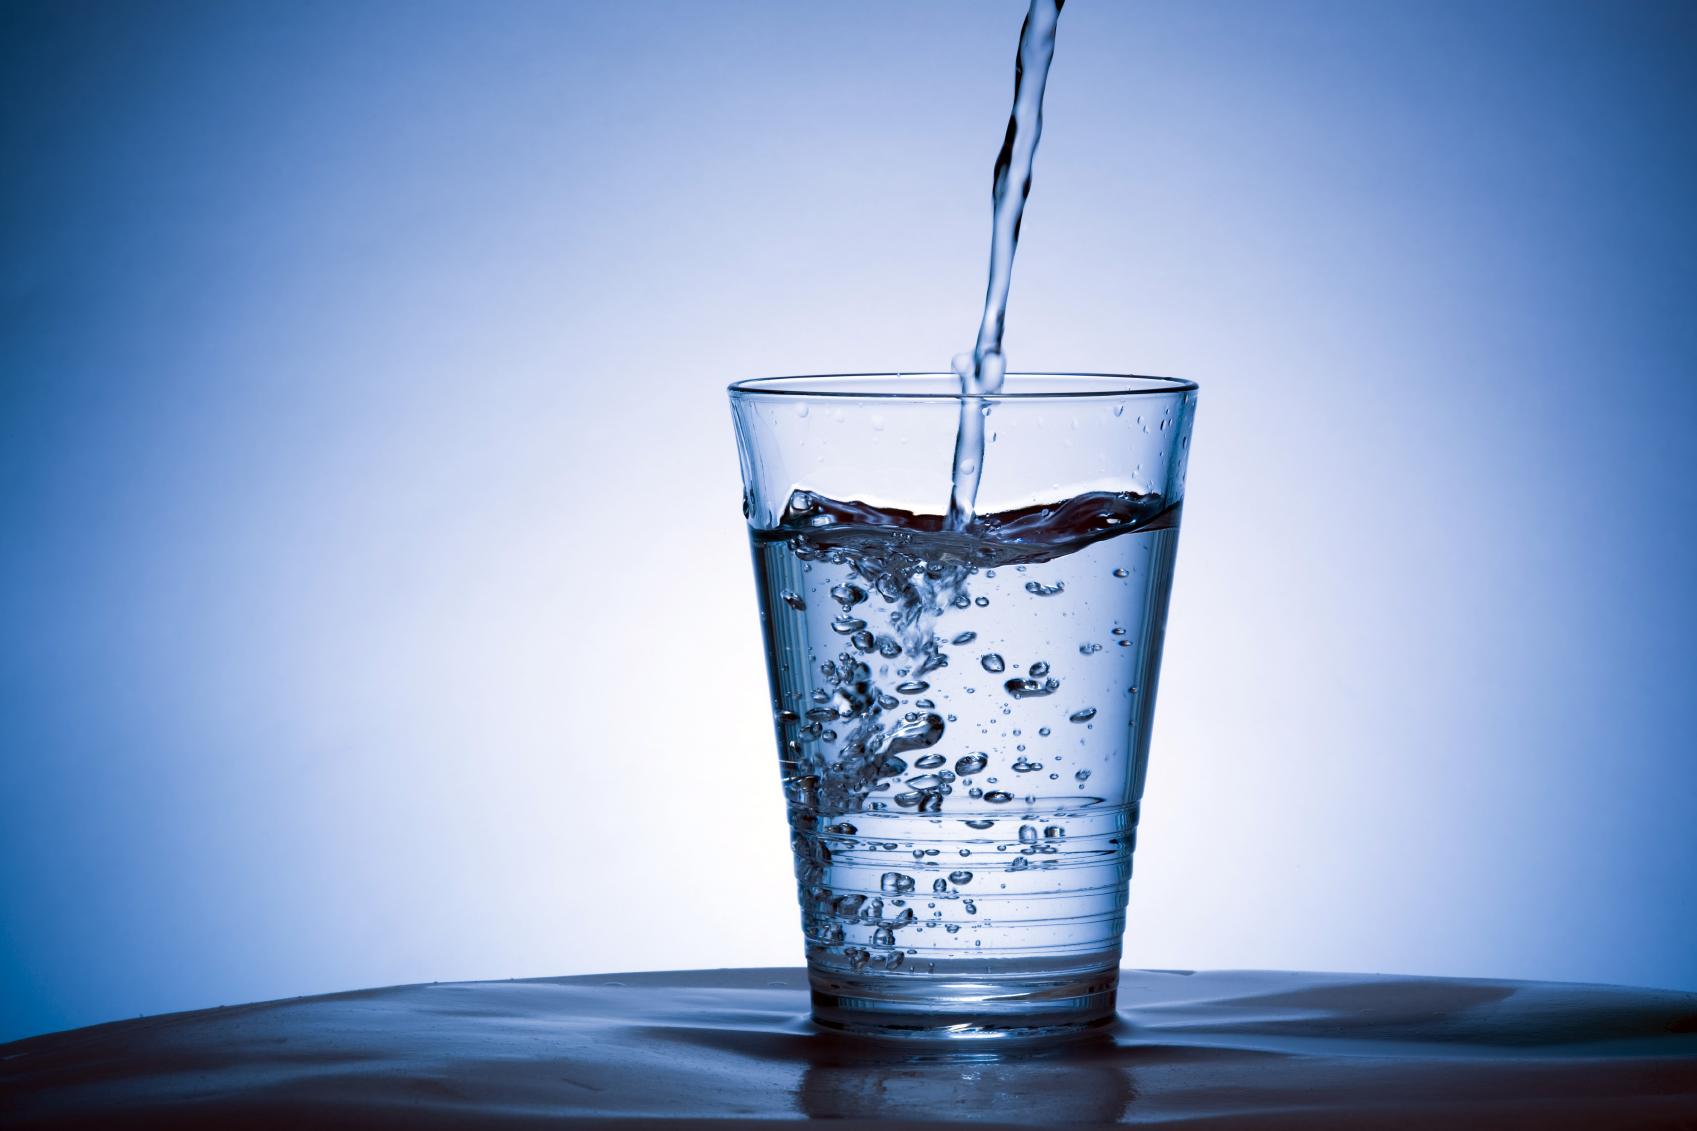 Water-detoxification